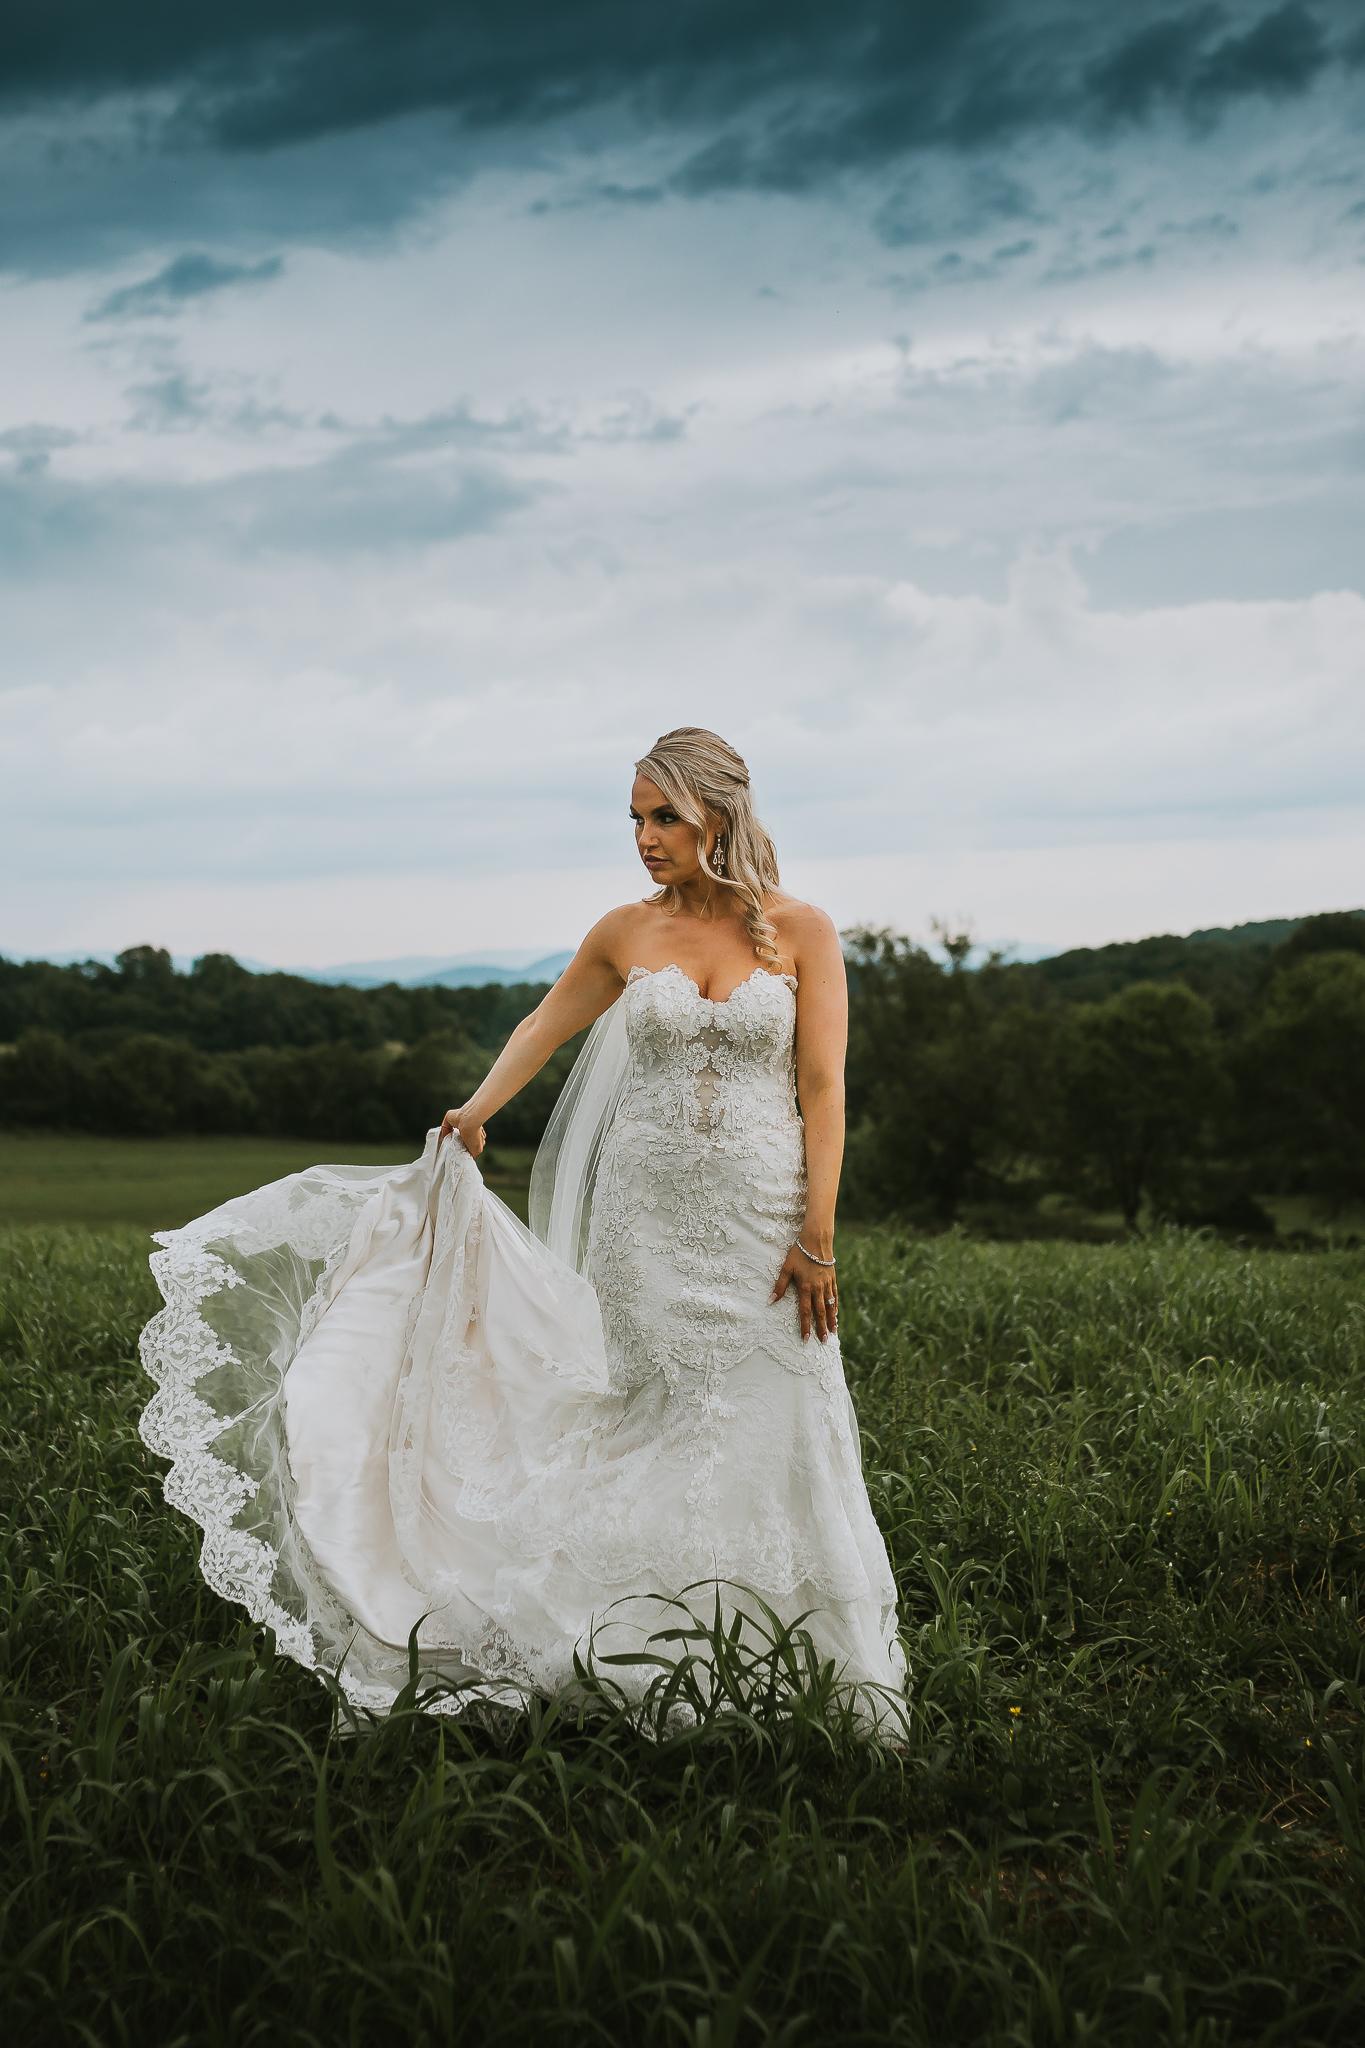 LaurenMcKeownPhotographyLLC-9589.jpg